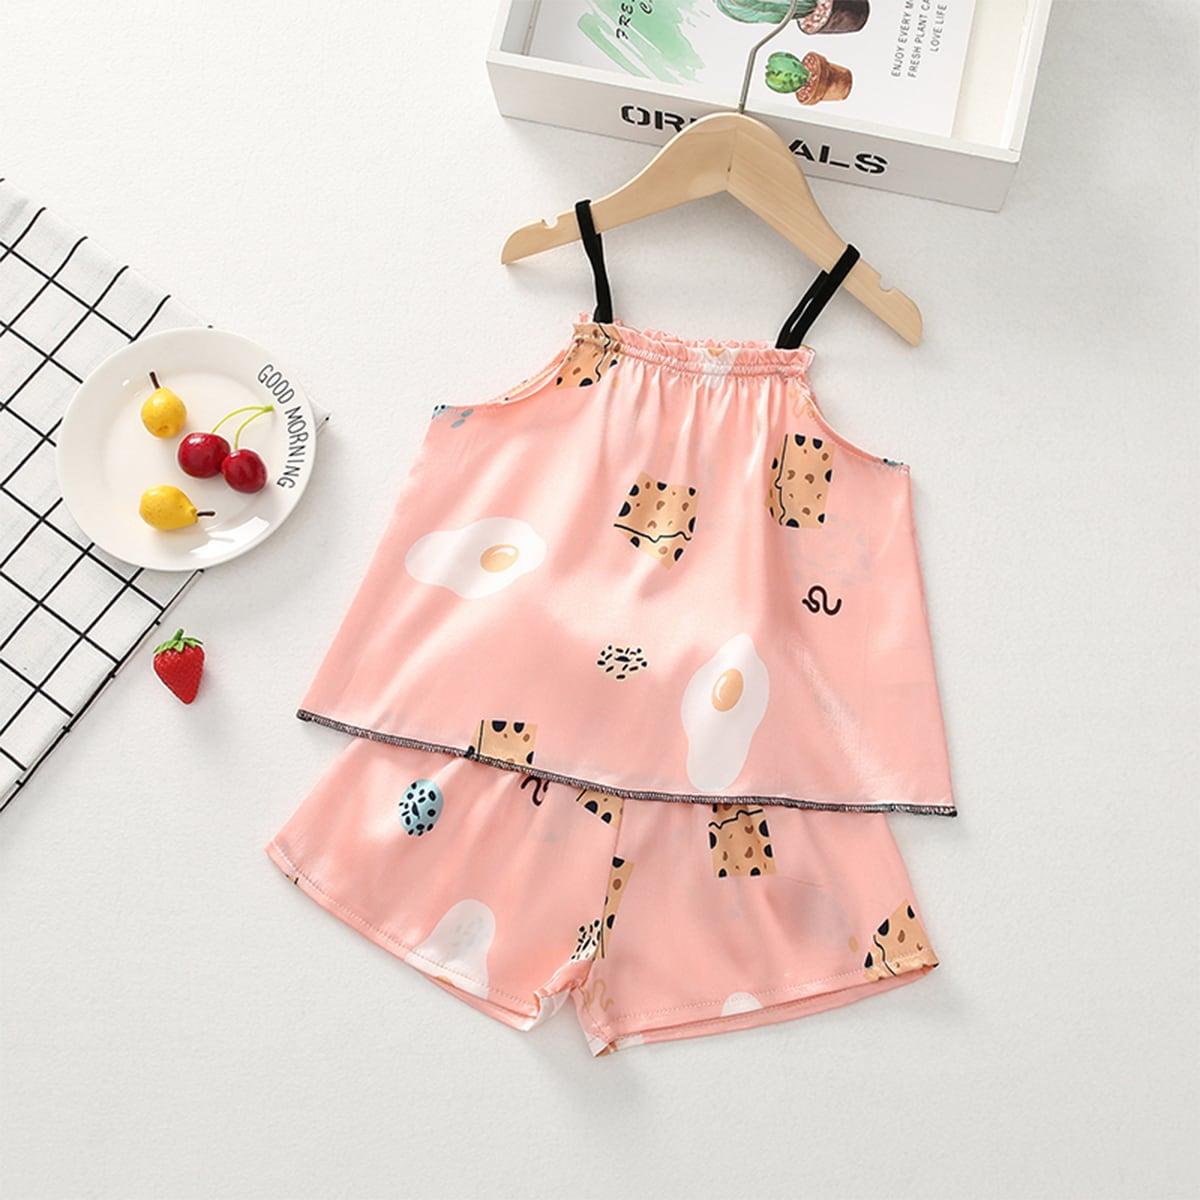 Атласная пижама на бретелях с принтом для девочек фото